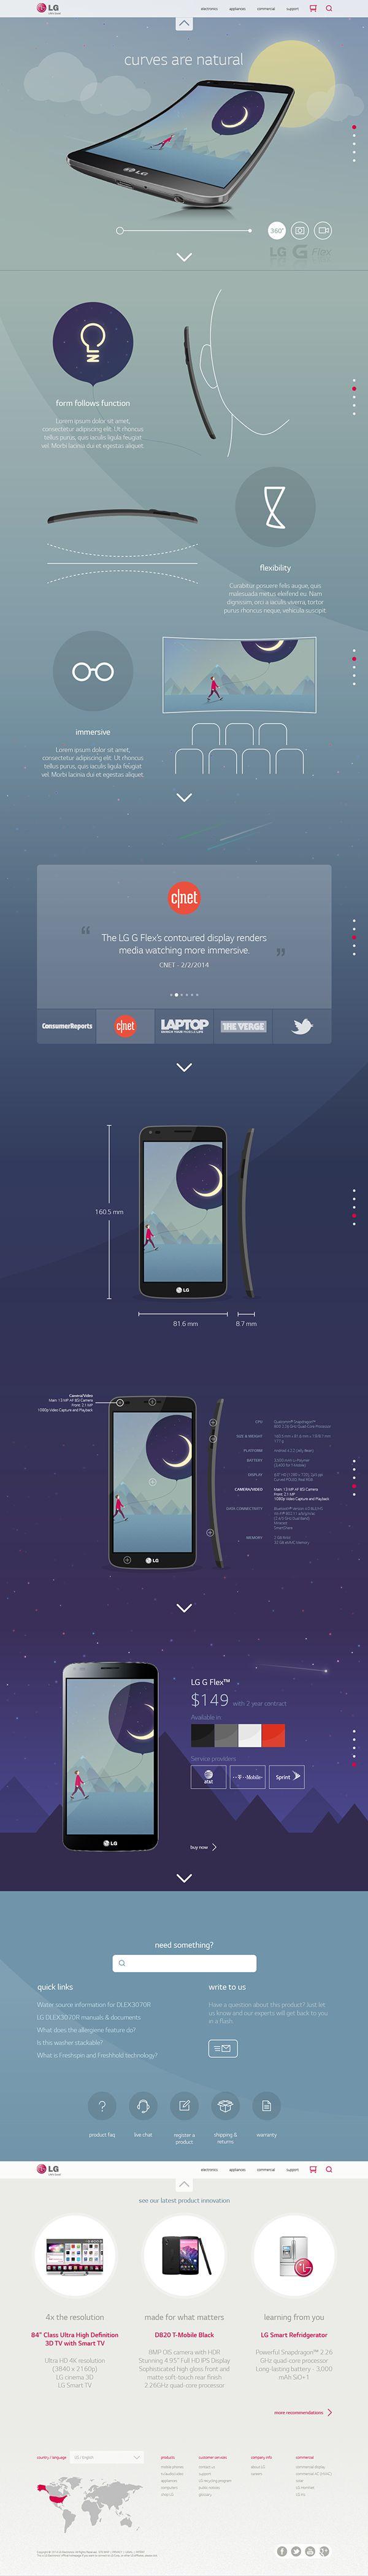 LG by Vince de Asis, via Behance #web #design